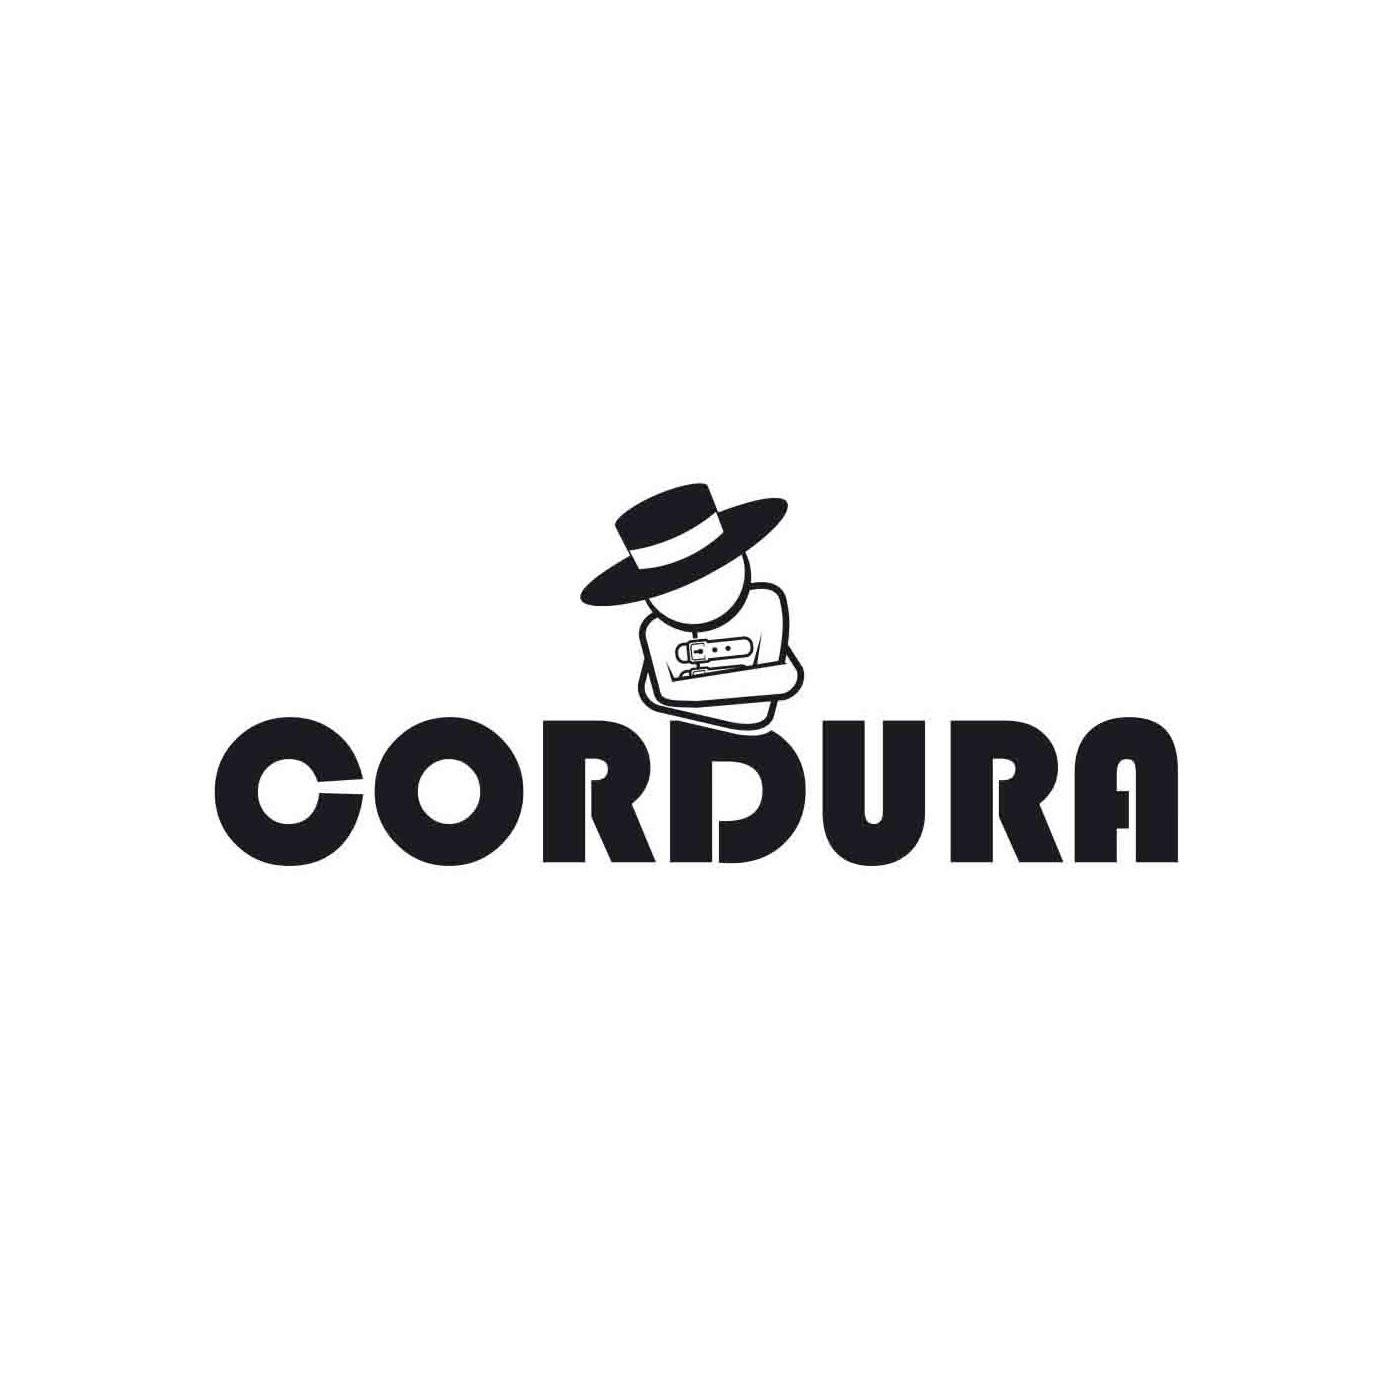 <![CDATA[Podcast de Ciudad Cordura]]>